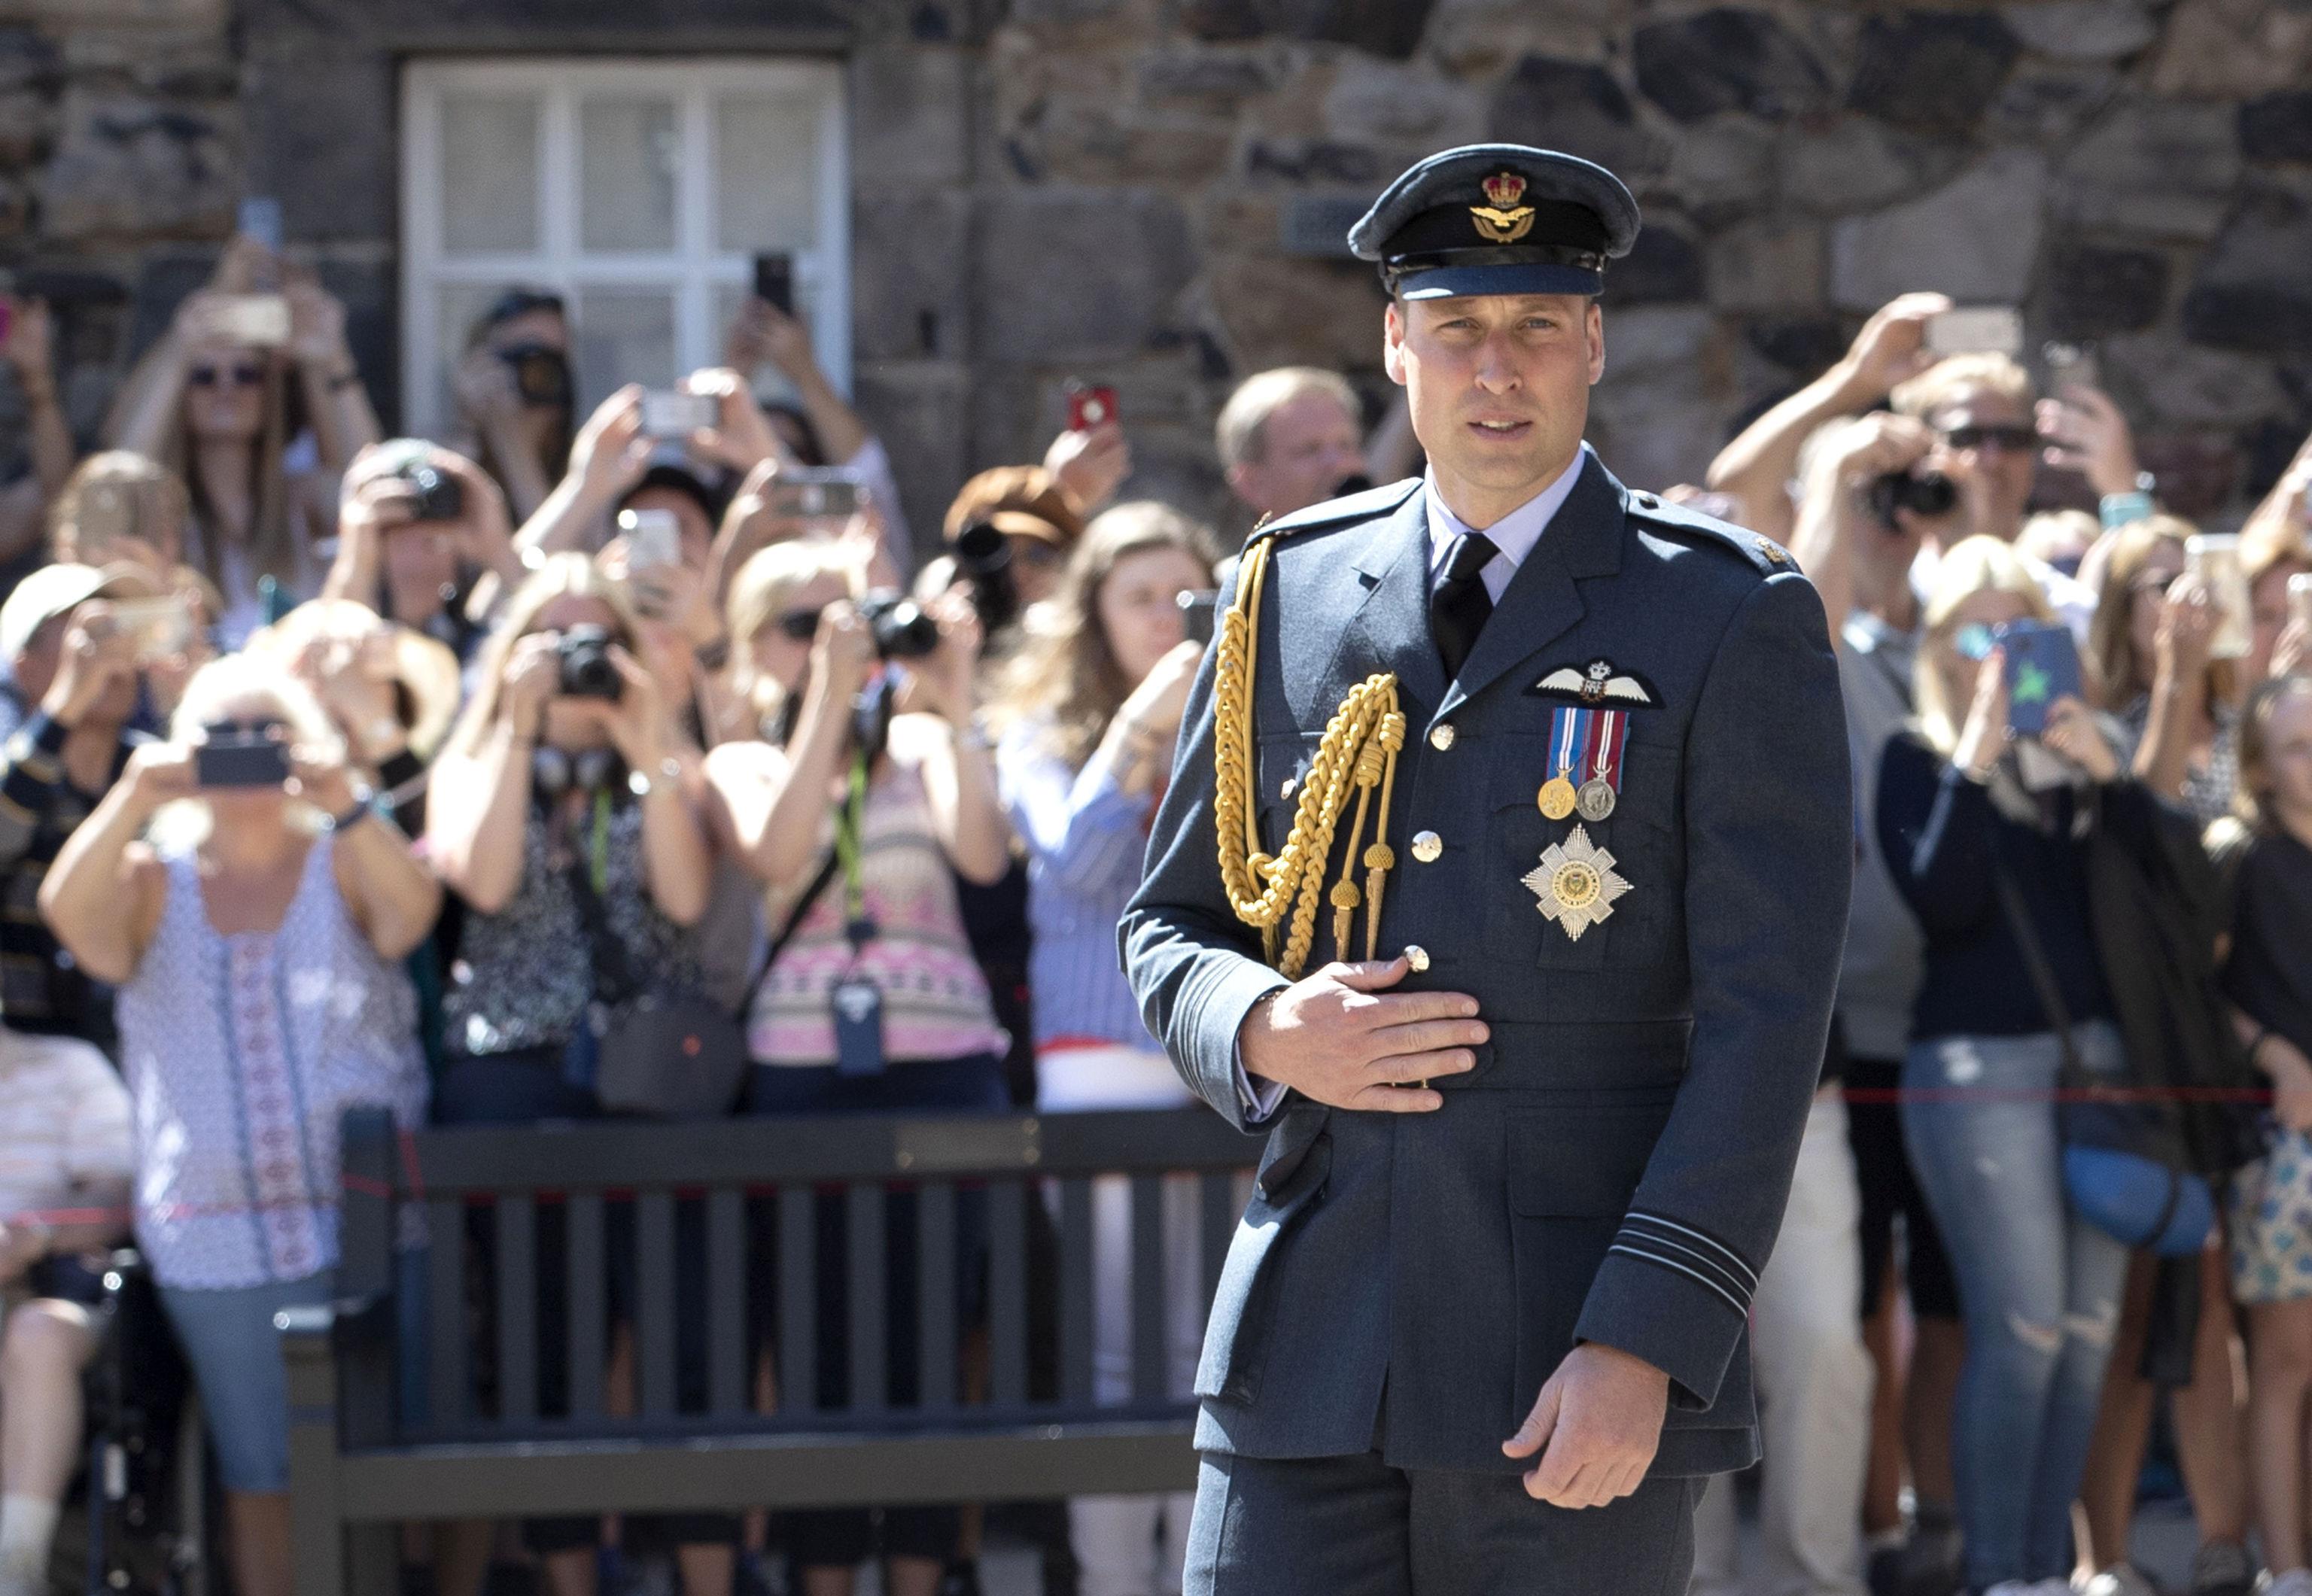 El príncipe Guillermo vestido de uniforme en el aniversario de la Guerra entre Inglaterra y Escocia.